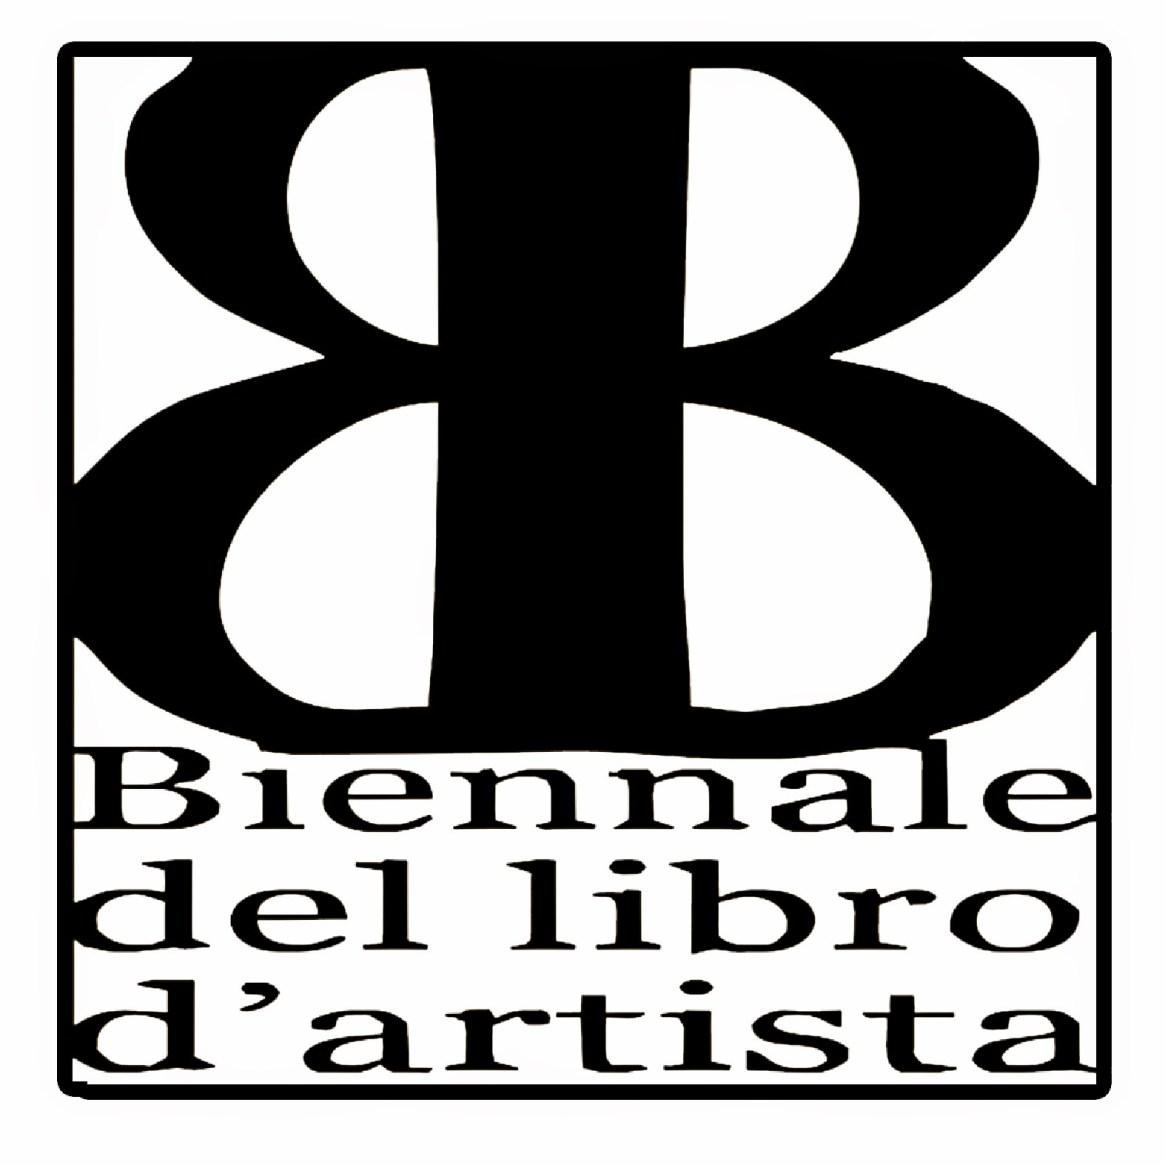 Mostra internazionale del libro d'artista .